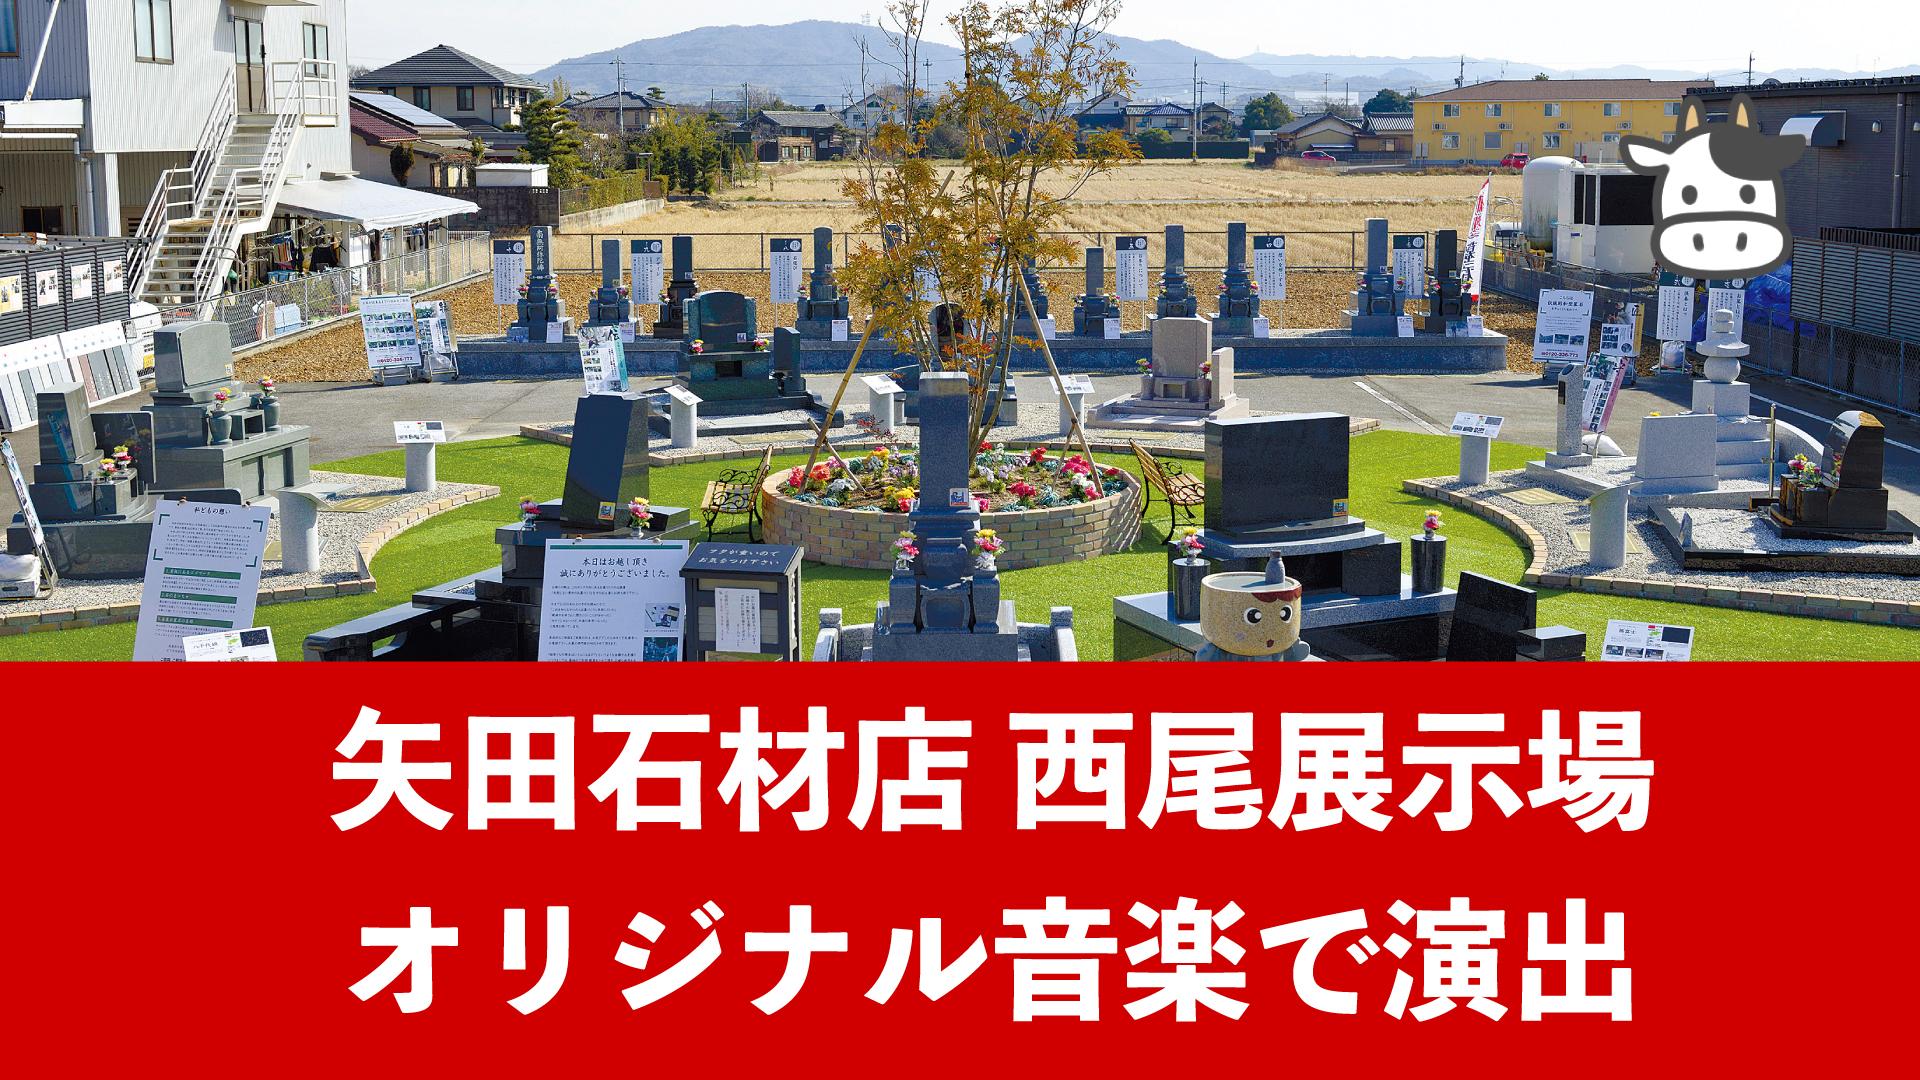 サラウンドでの作曲のお仕事【屋外展示場】矢田石材店 西尾